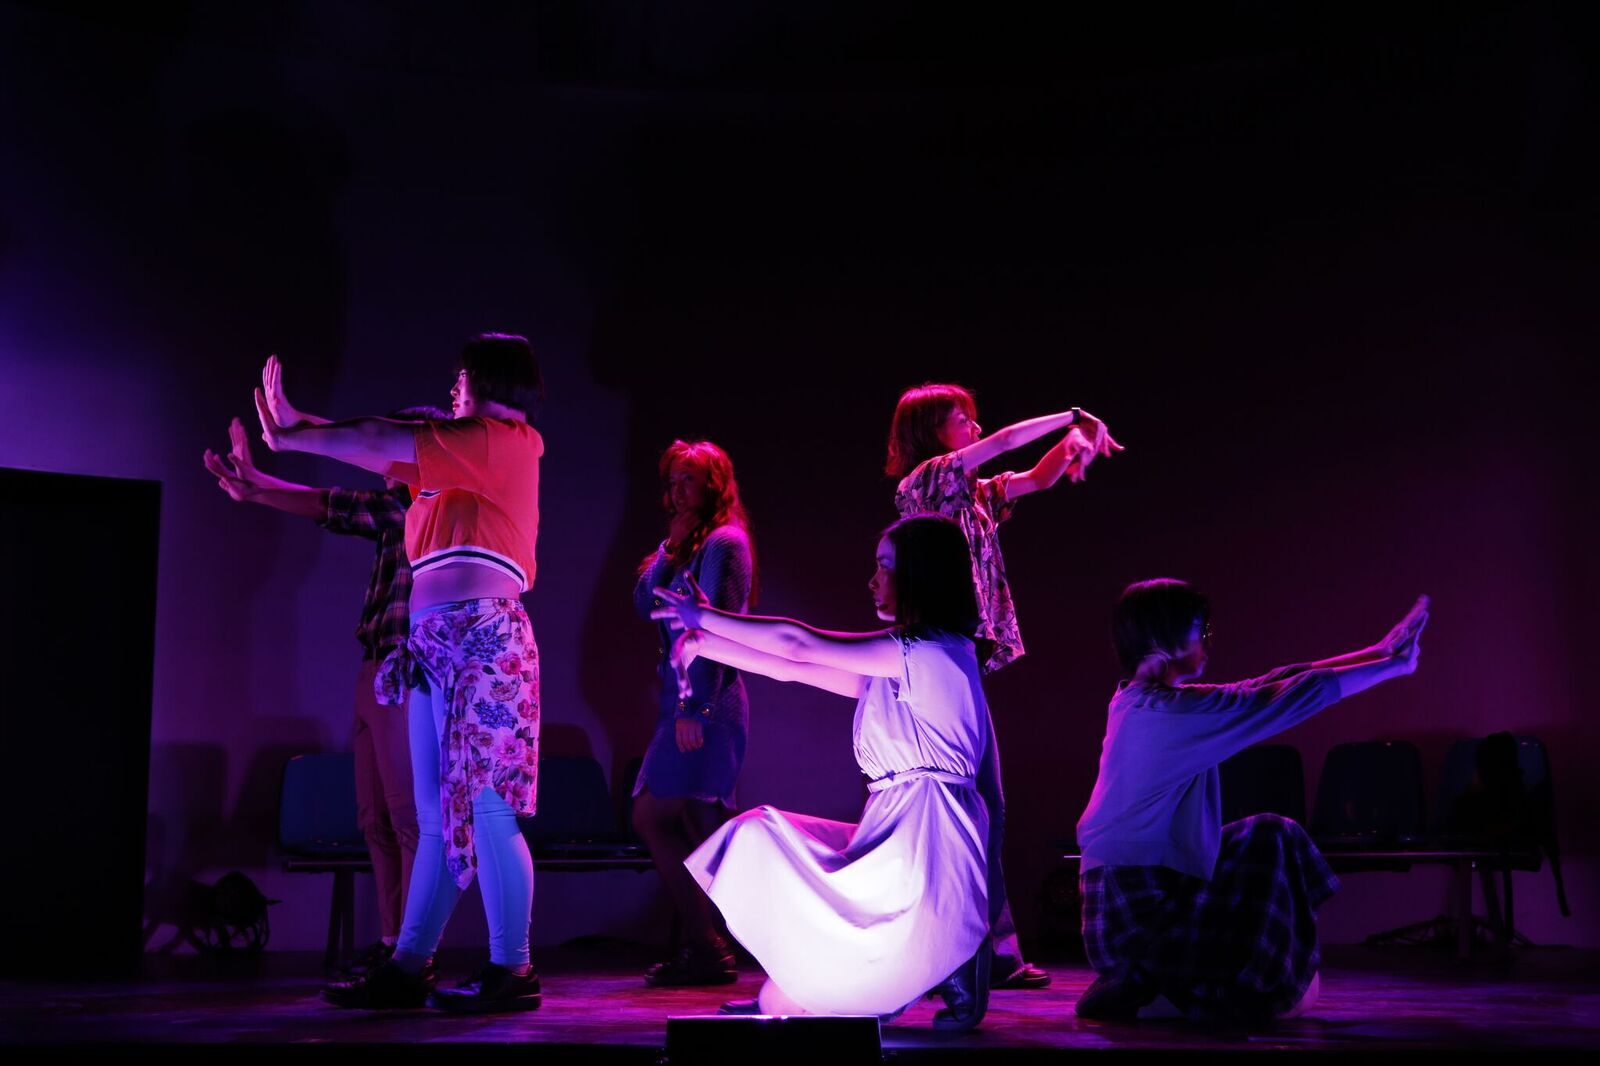 劇団4ドル50セント 週末定期公演 Vol.1舞台写真11